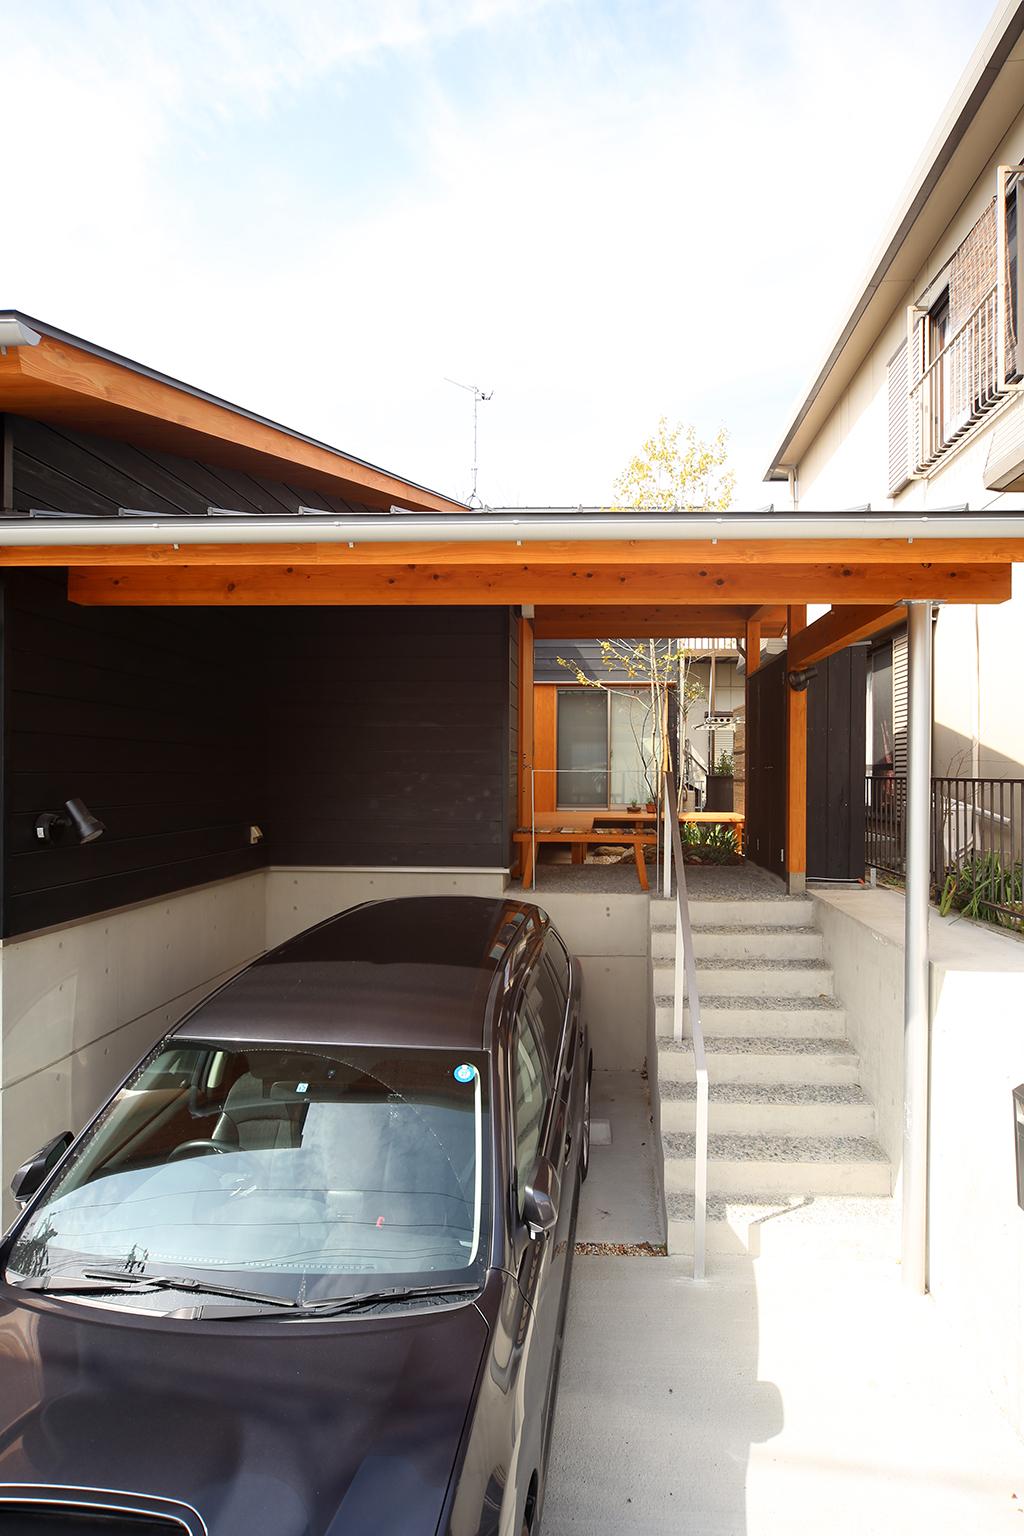 神戸市の木の家 高低差を活かした屋根のある駐車場